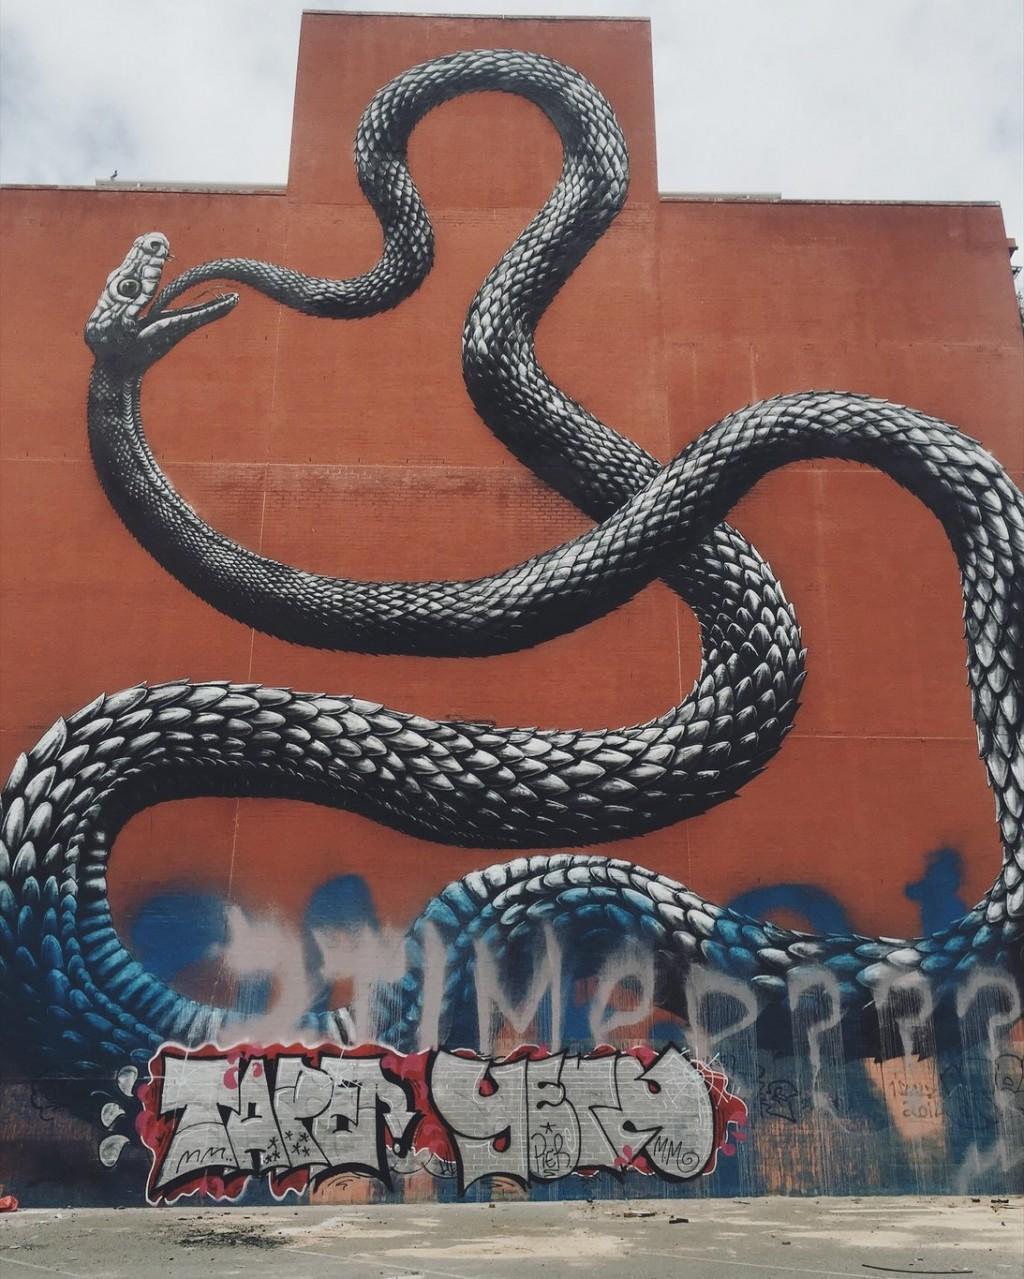 ROA Schlange Streetart Perth Australien